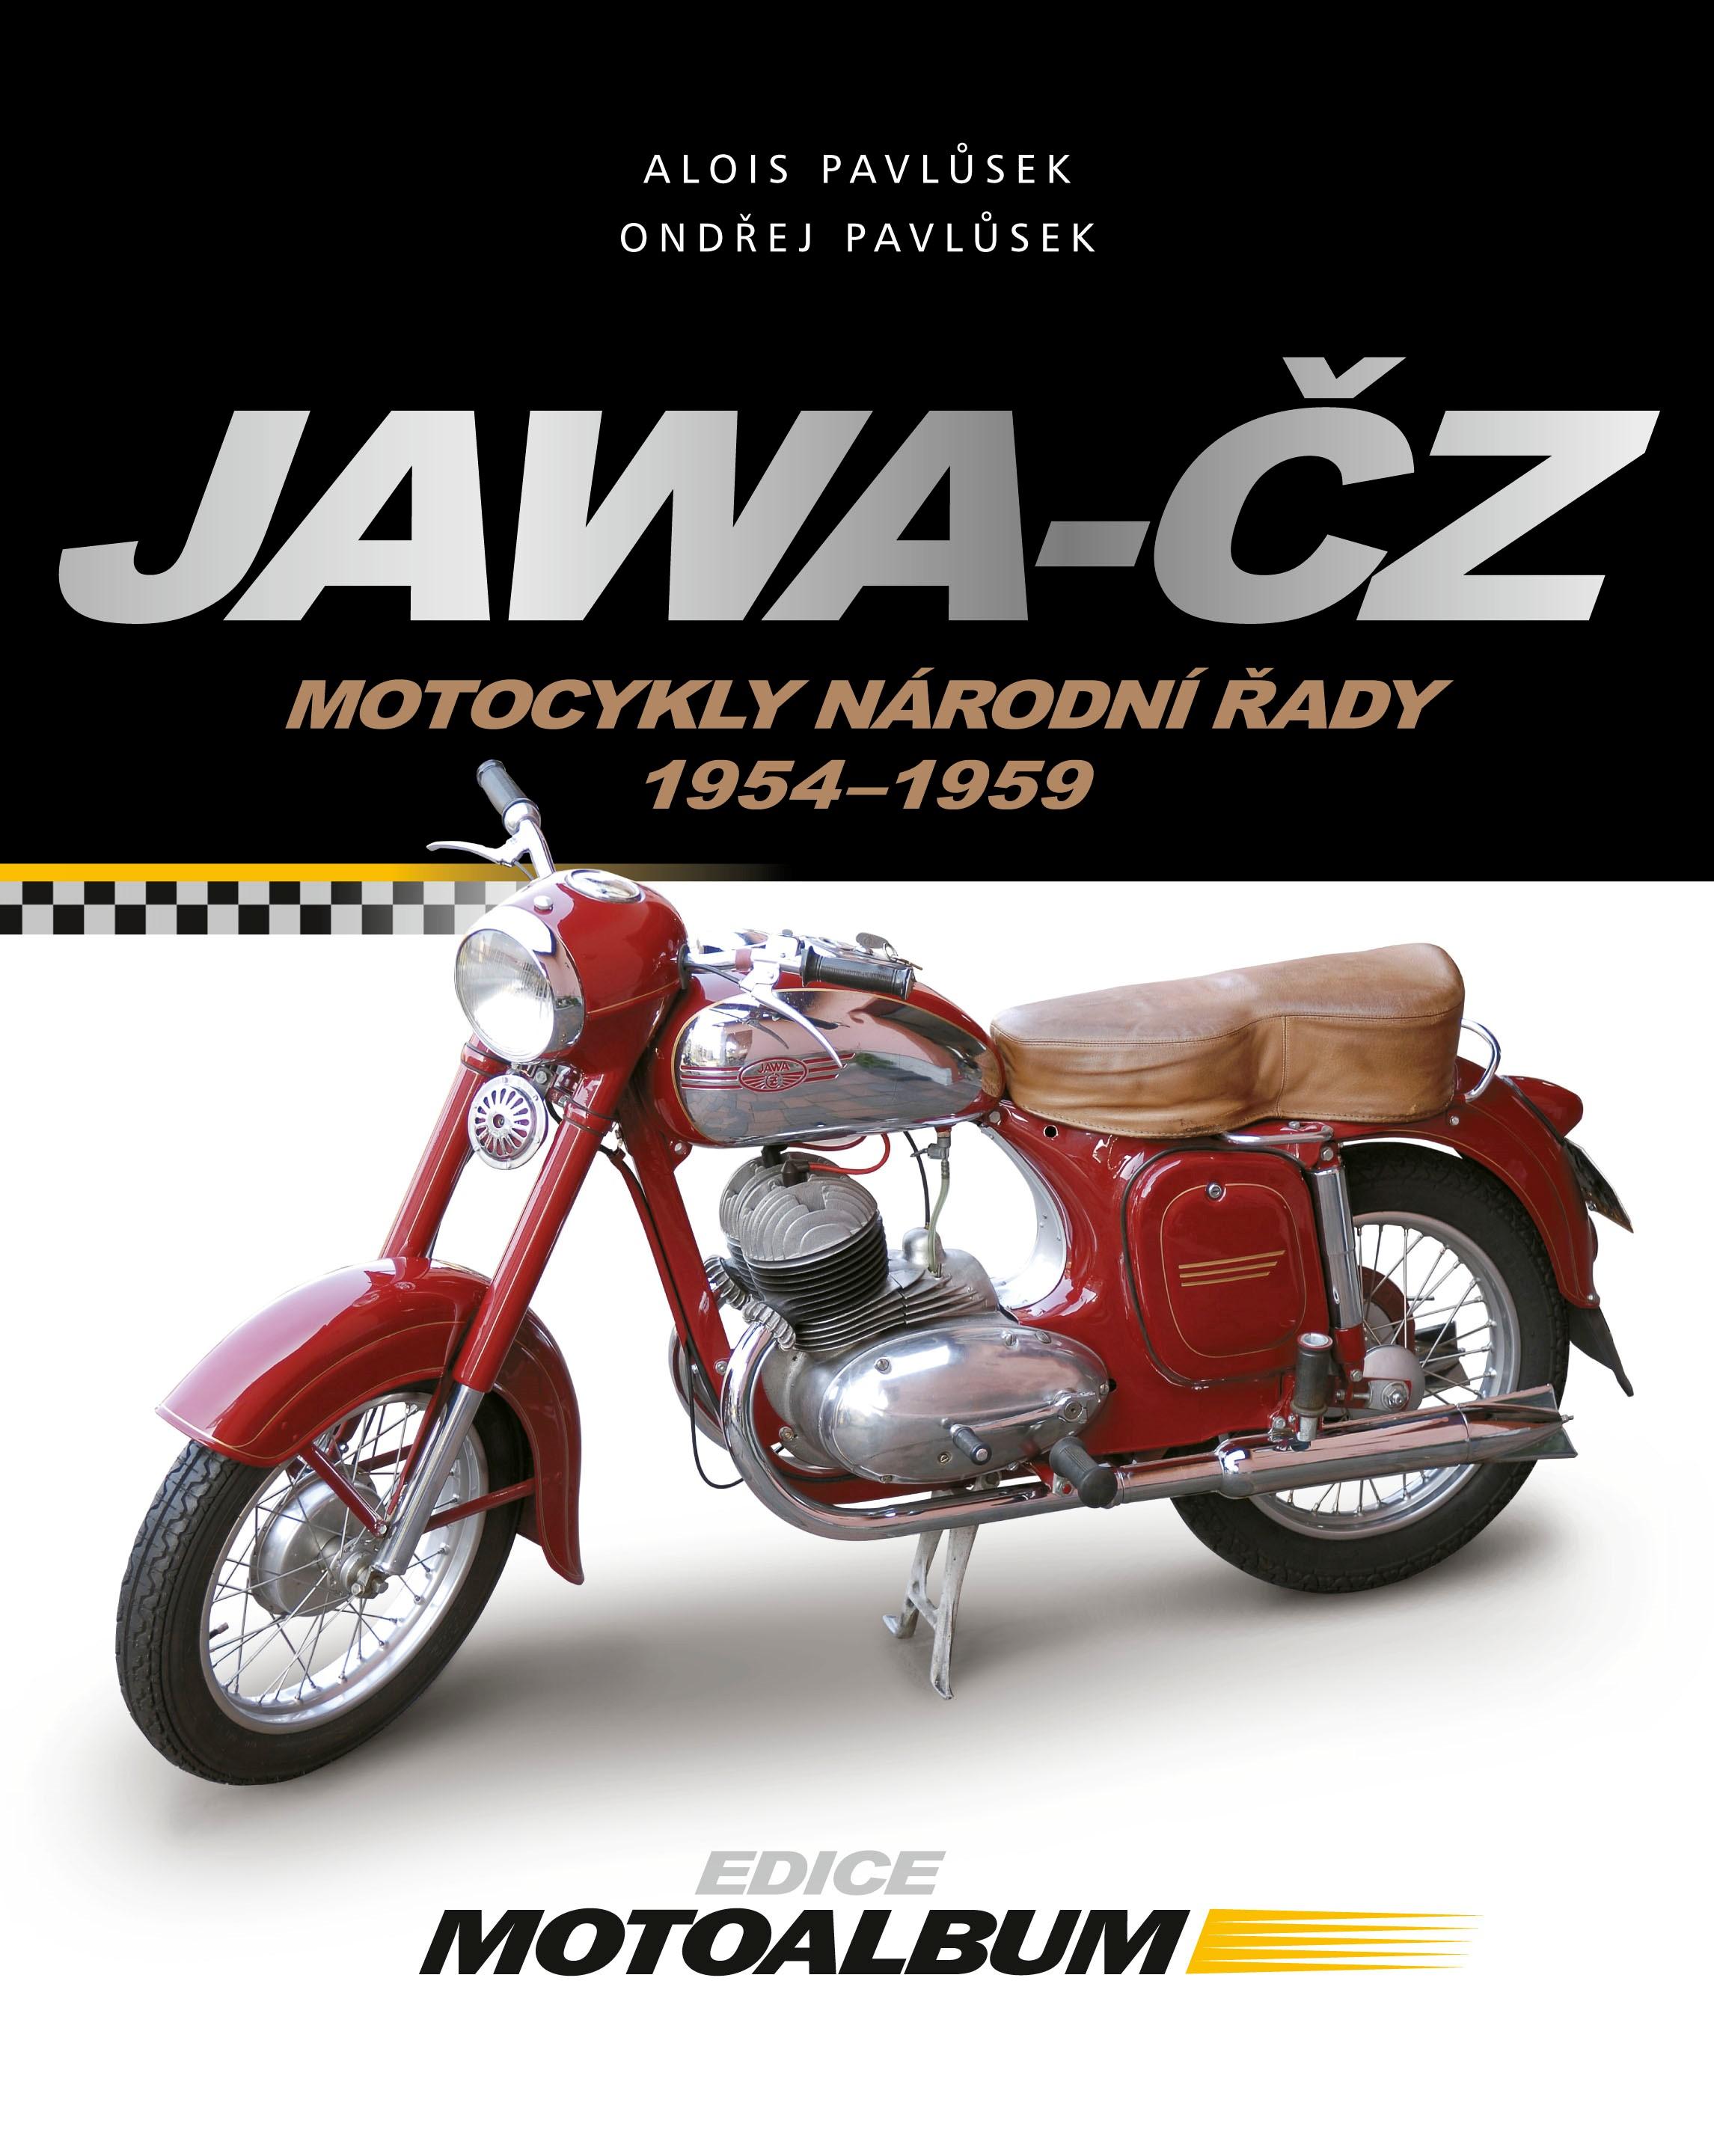 Jawa - ČZ | Alois Pavlůsek, Ondřej Pavlůsek